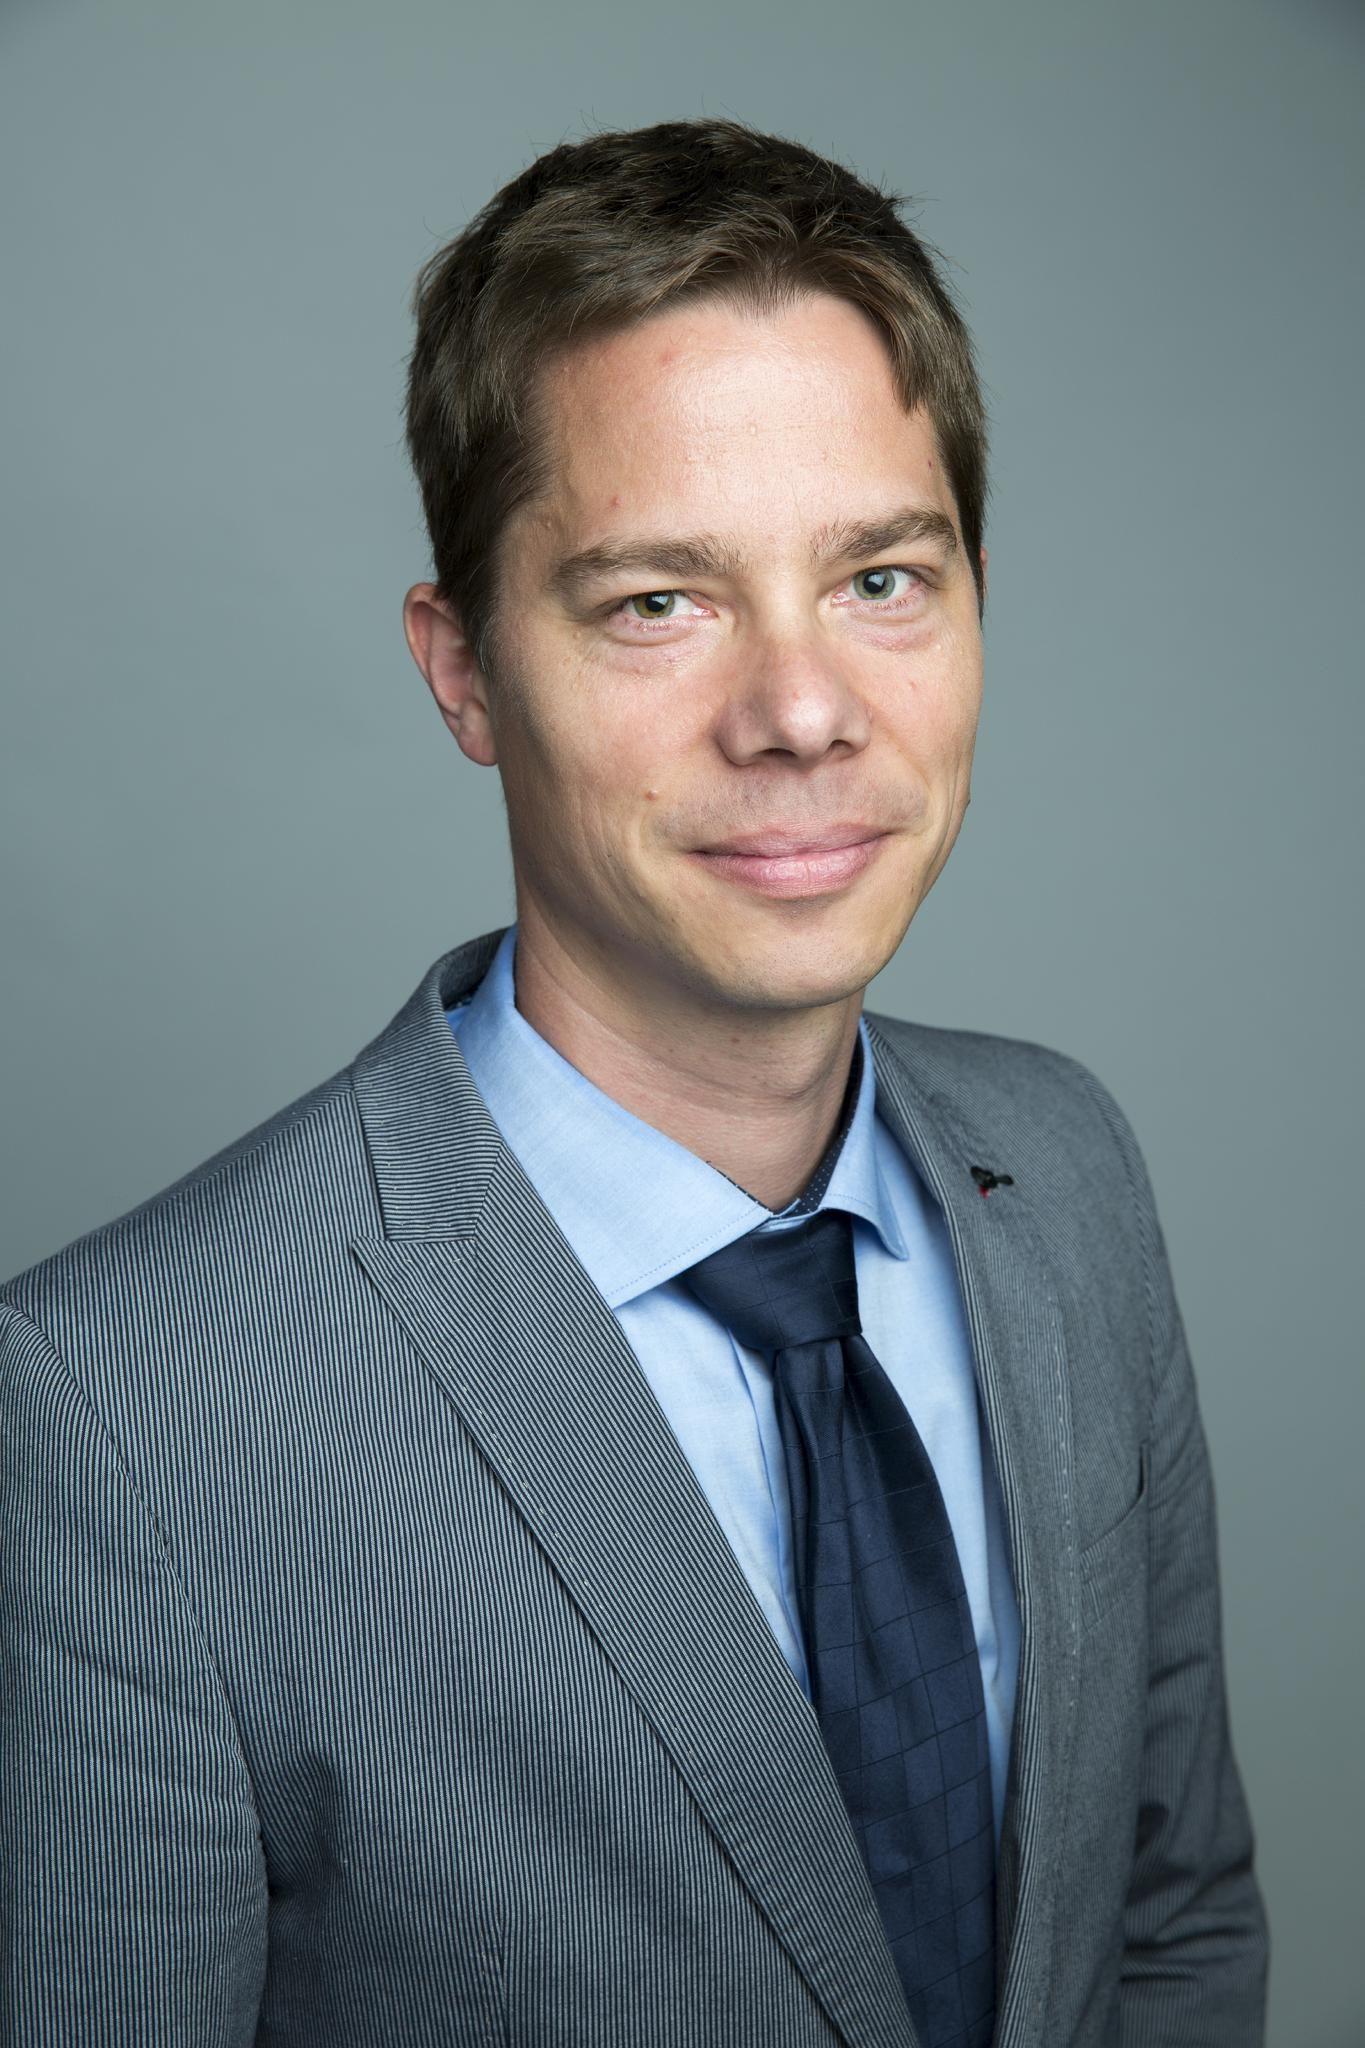 Sebastien Sprenger